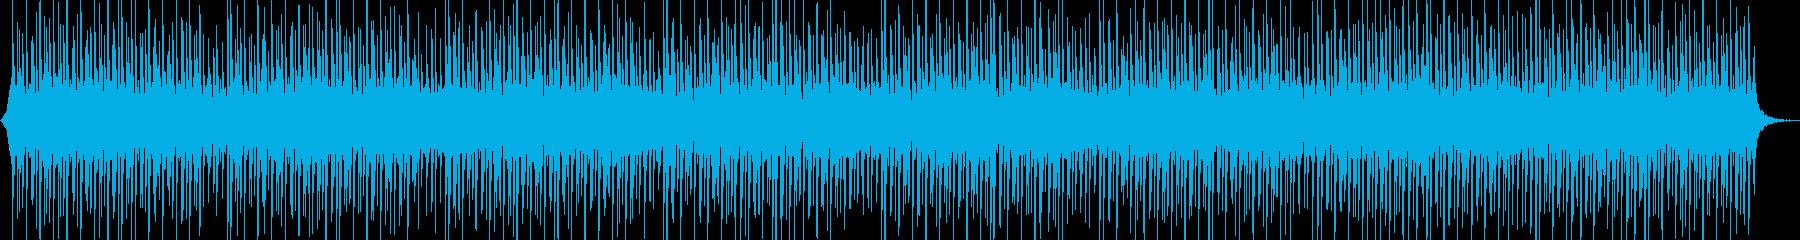 ニュース読みのBGM/テクノ/テクノ系の再生済みの波形